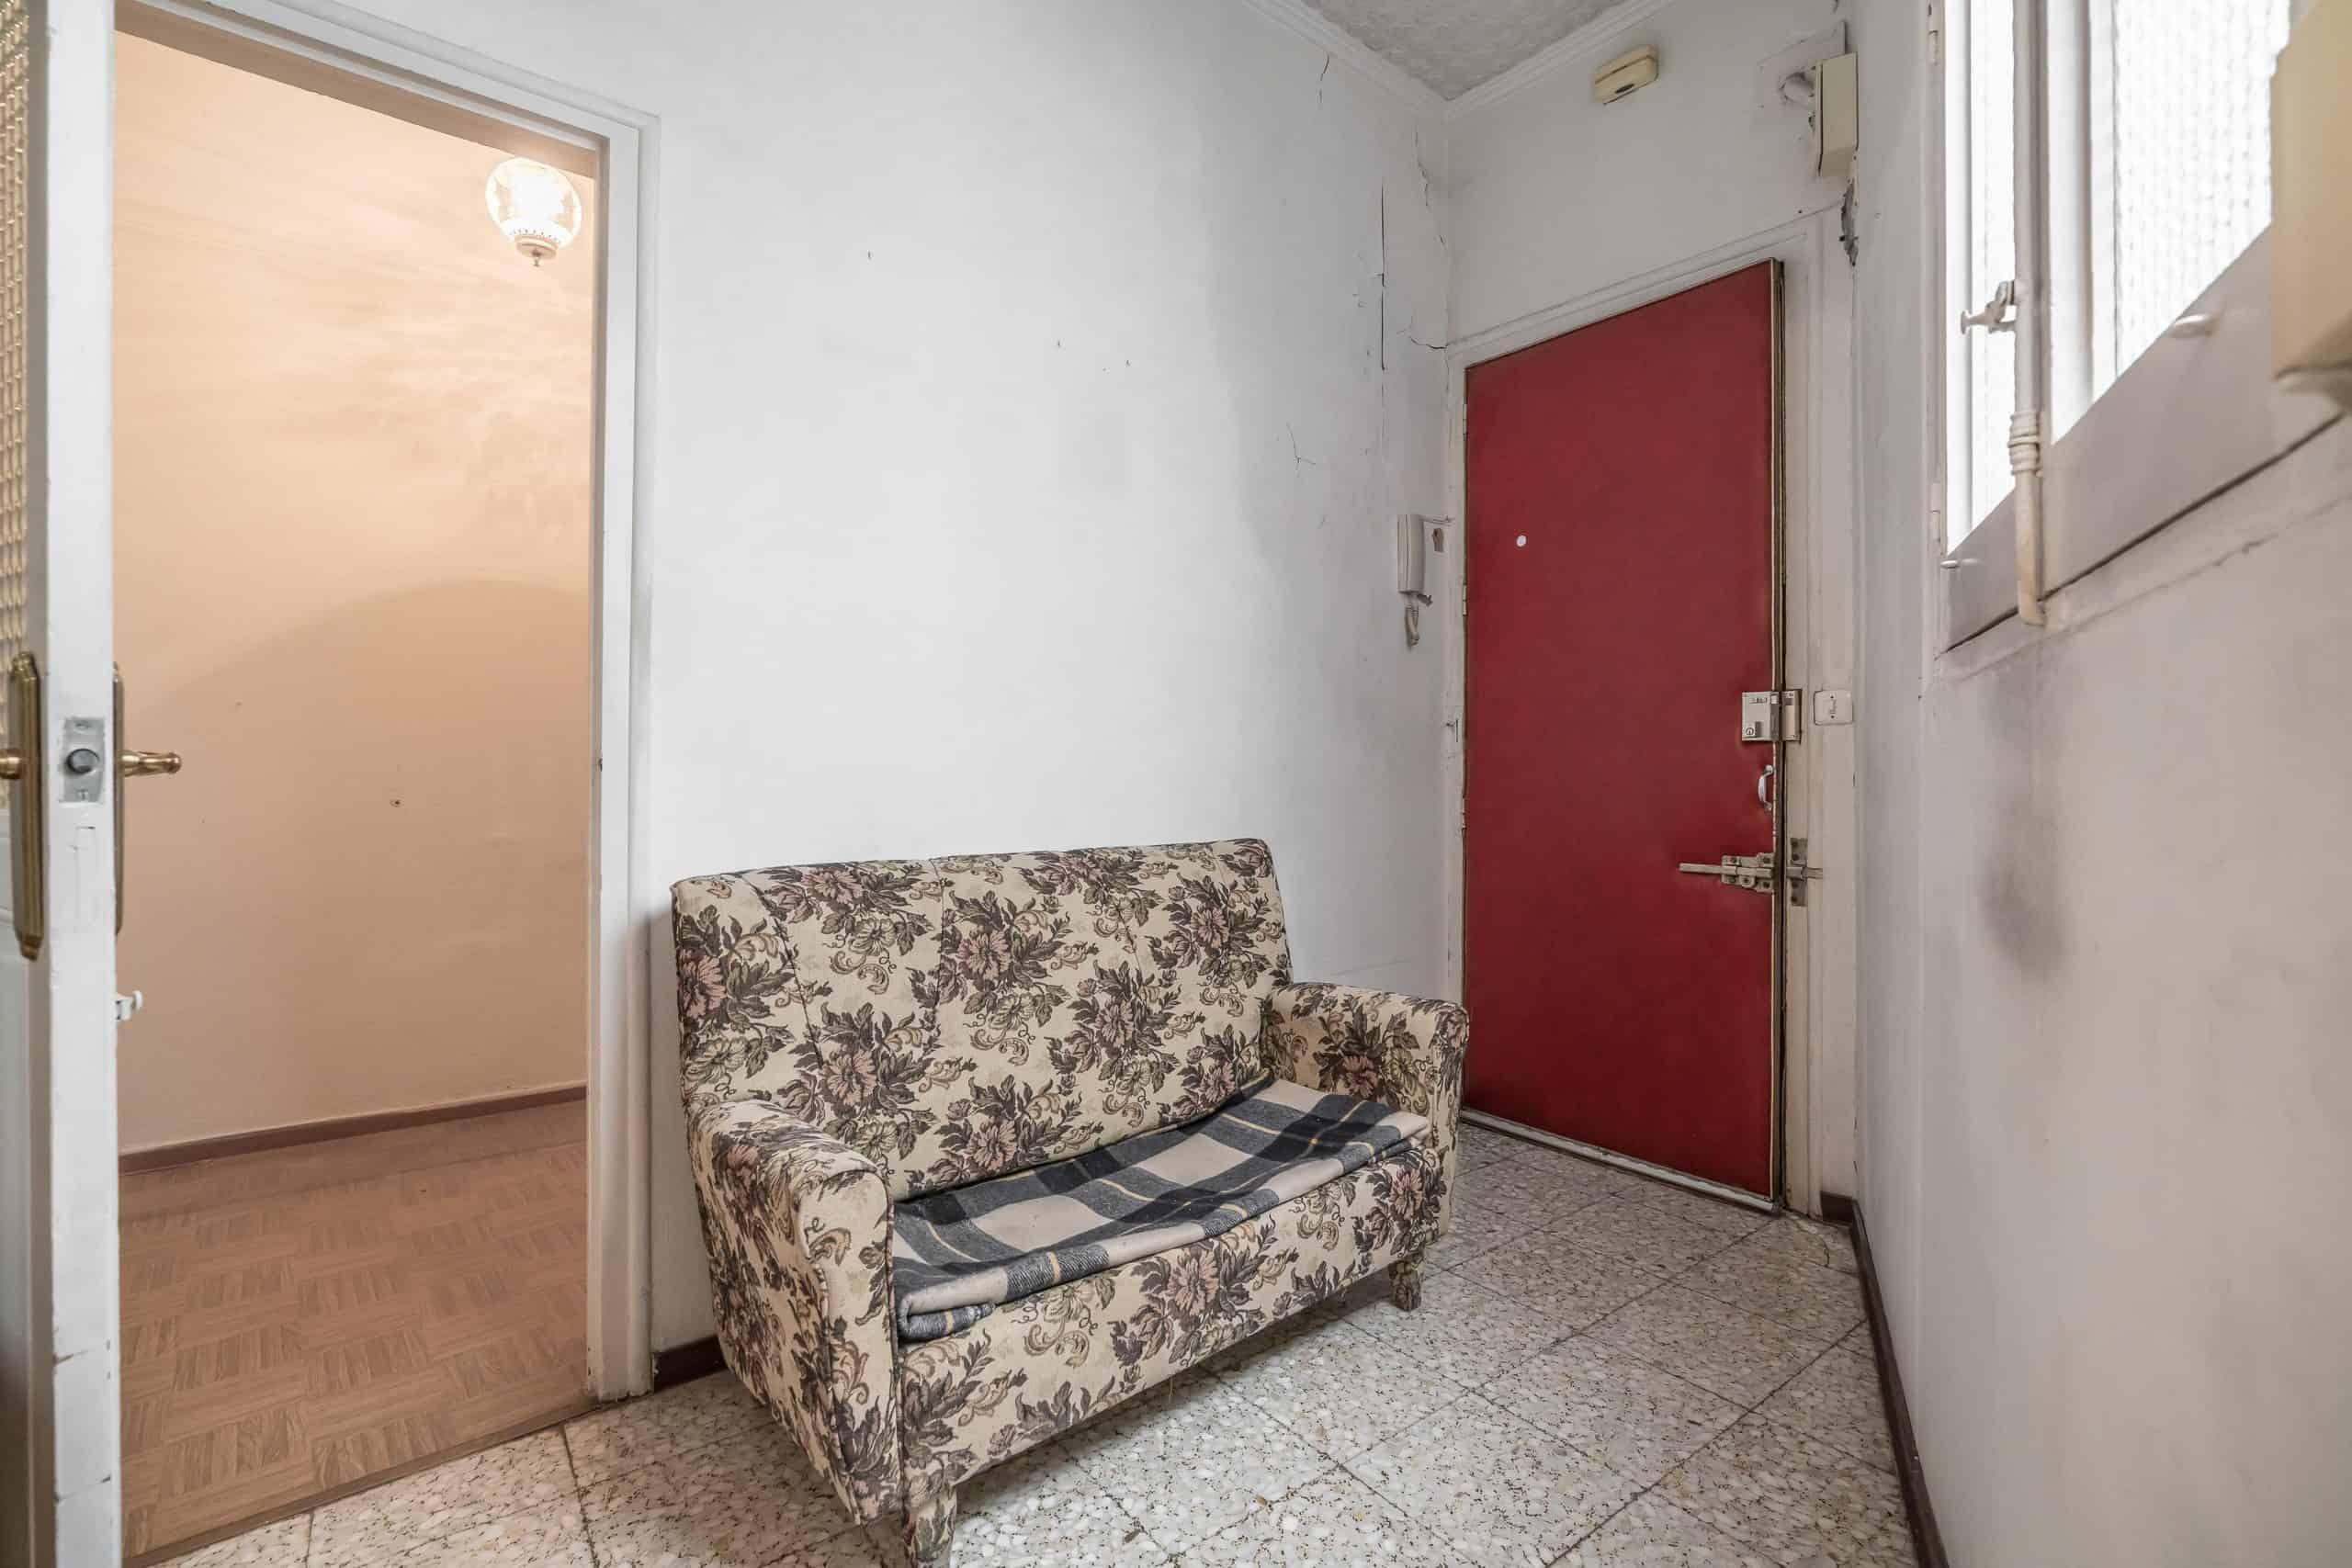 Agencia Inmobiliaria de Madrid-FUTUROCASA-Zona ARGANZUELA-EMBAJADORES-LEGAZPI -plaza General Vara del Rey- salon (3)